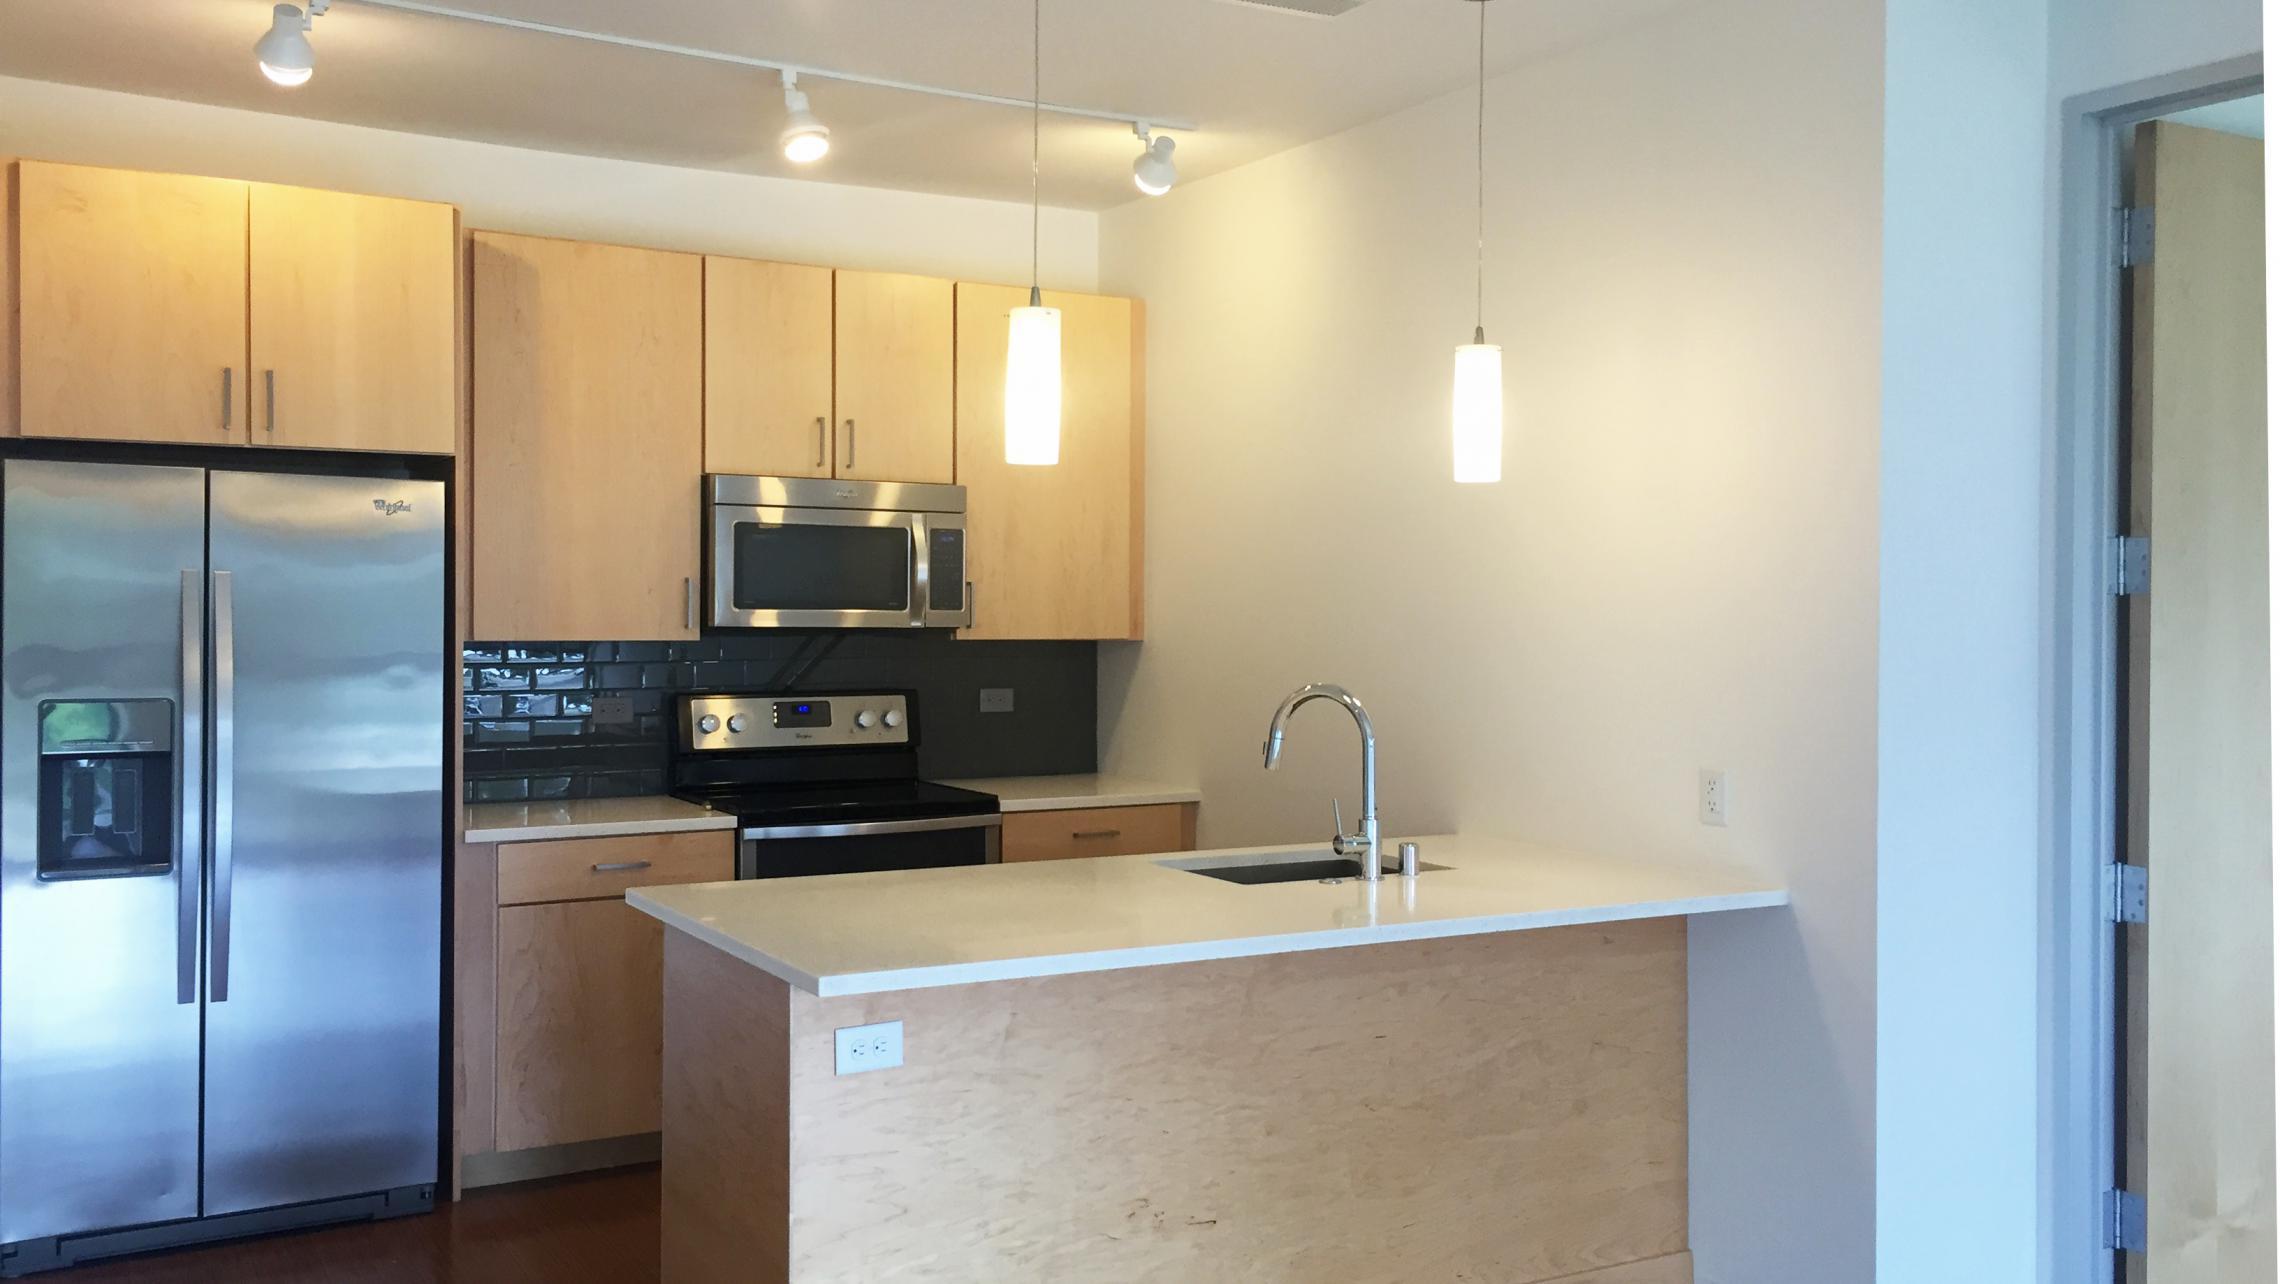 ULI Seven27 Apartment 237 - Kitchen